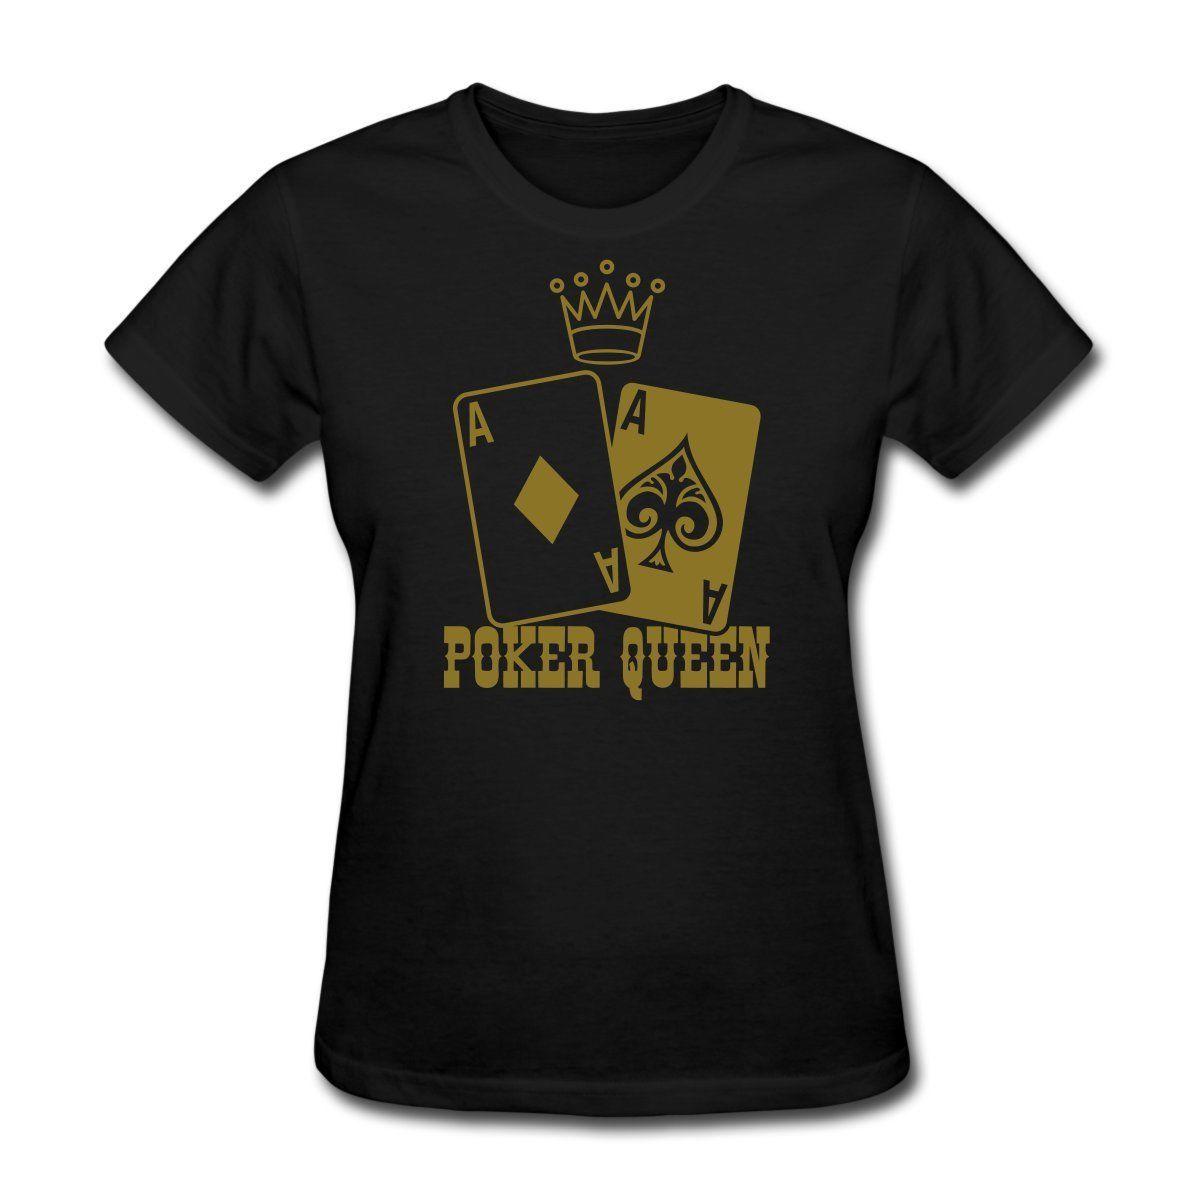 100% baumwolle Für Mann Shirts Kühlen T-shirts Designs Beste Verkaufende Beiläufige Poker...